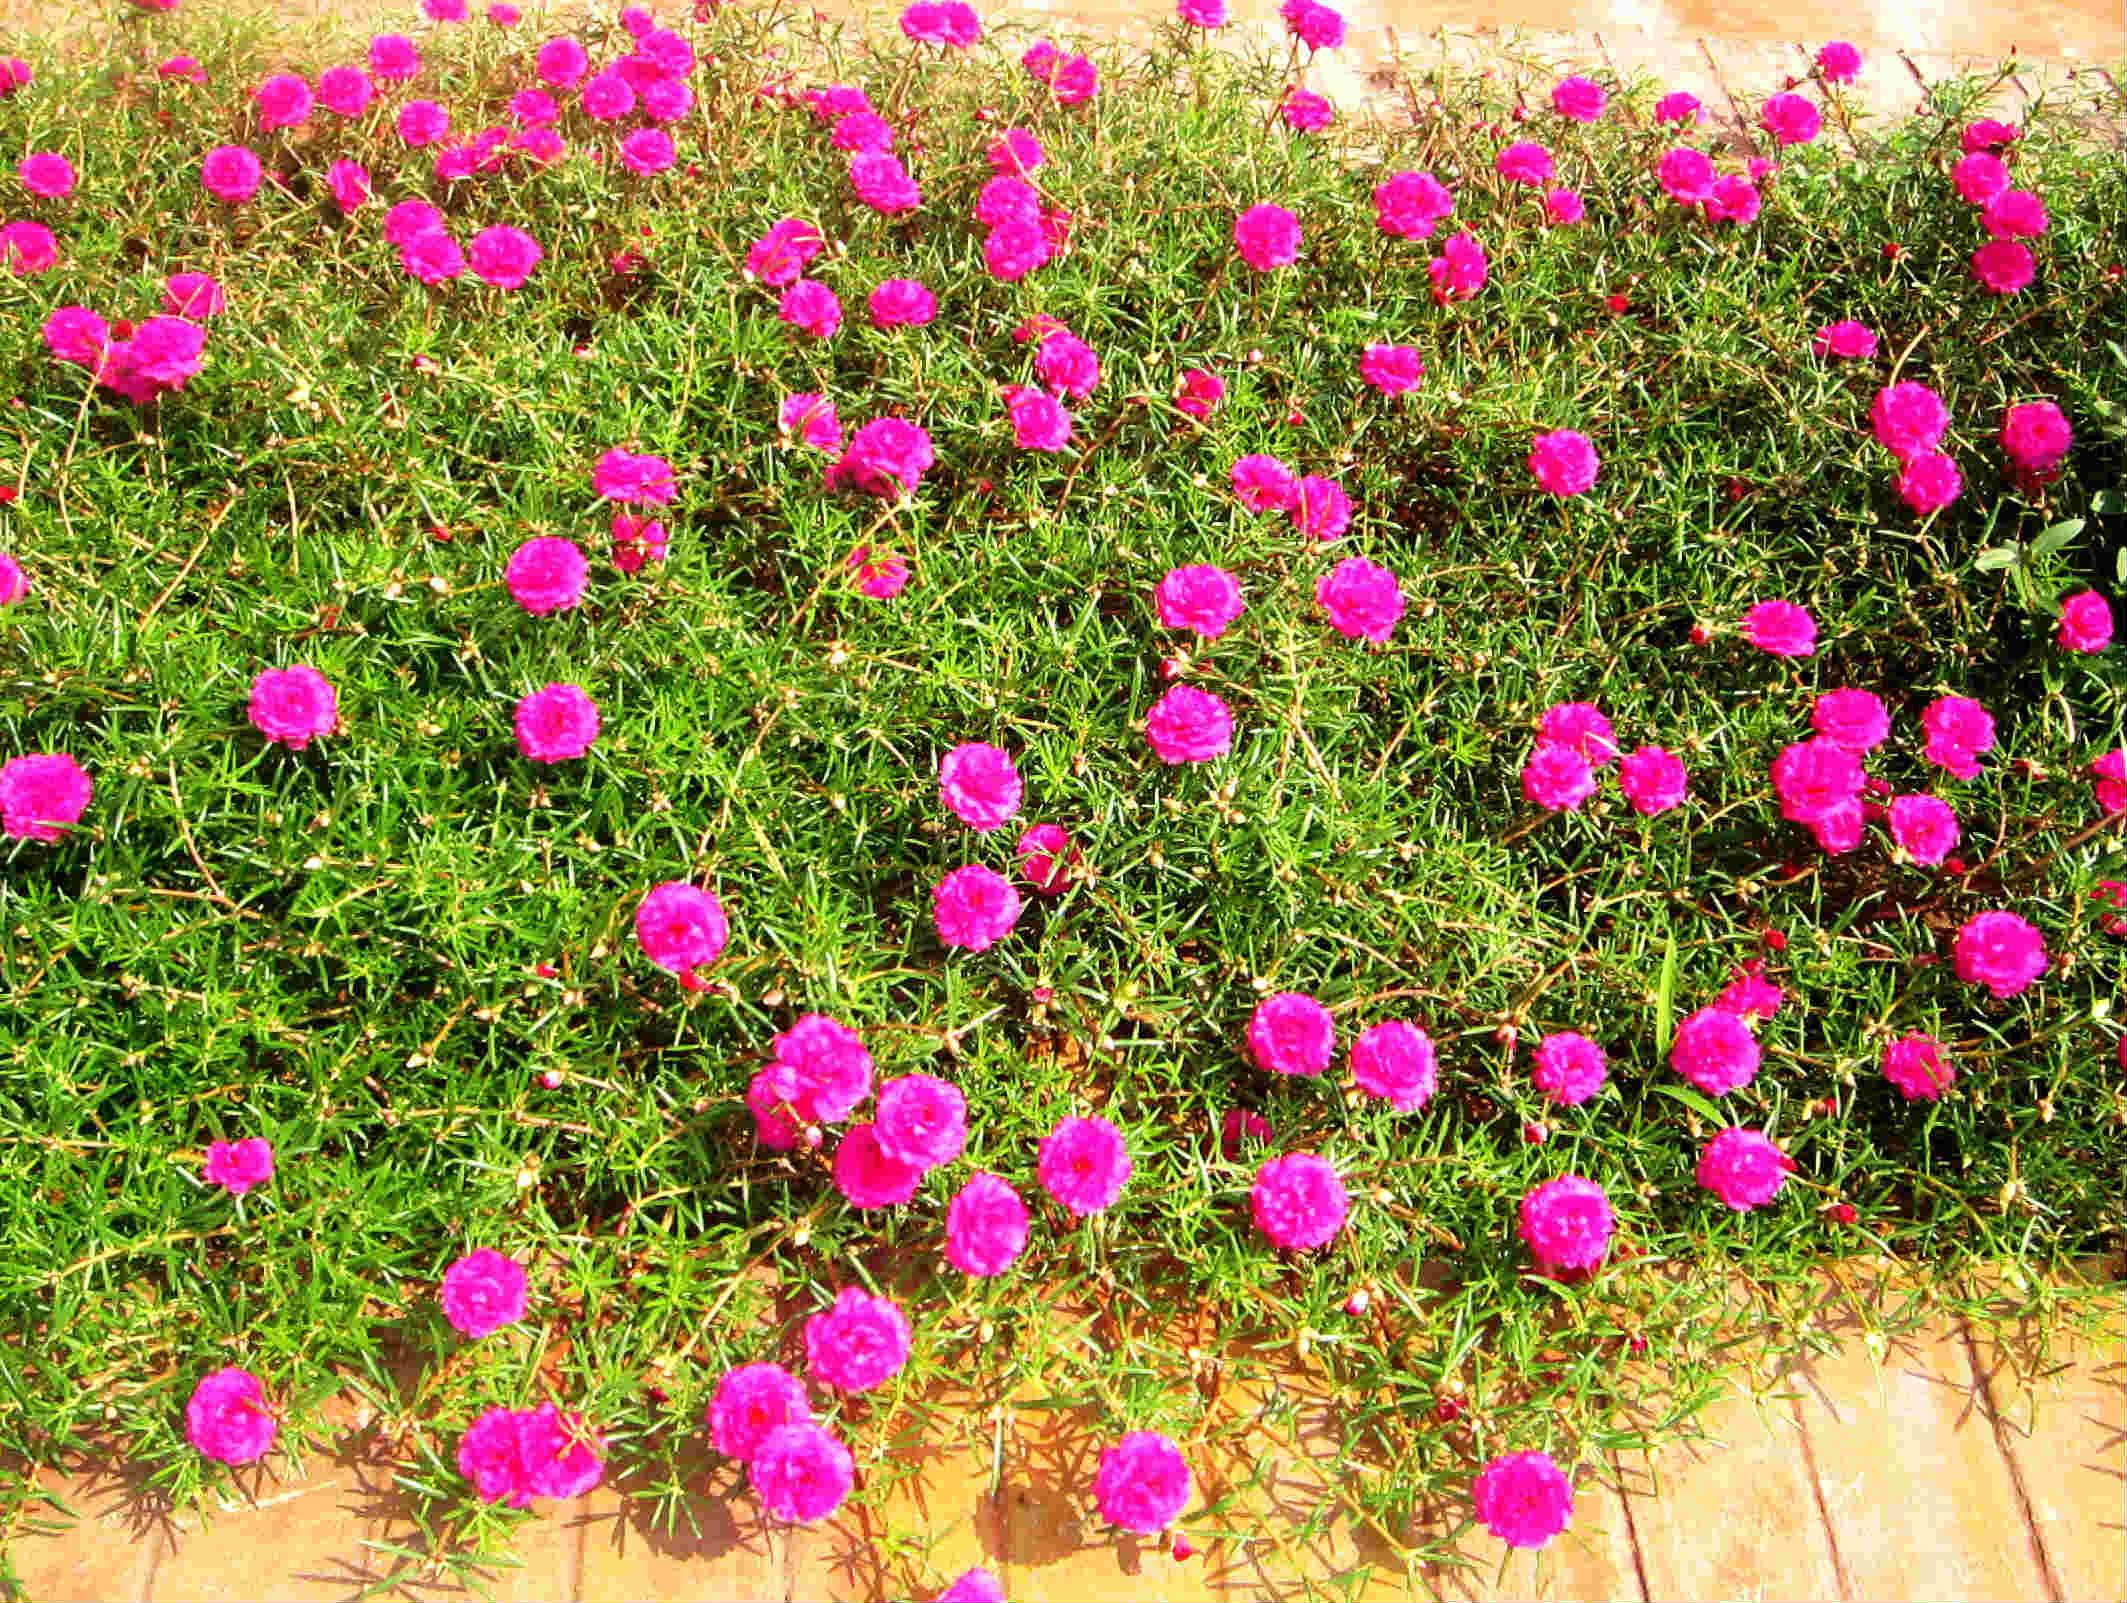 Hoa mười giờ chúm chím, nhỏ nhắn thường trồng ở hành lang. Ảnh minh họa.